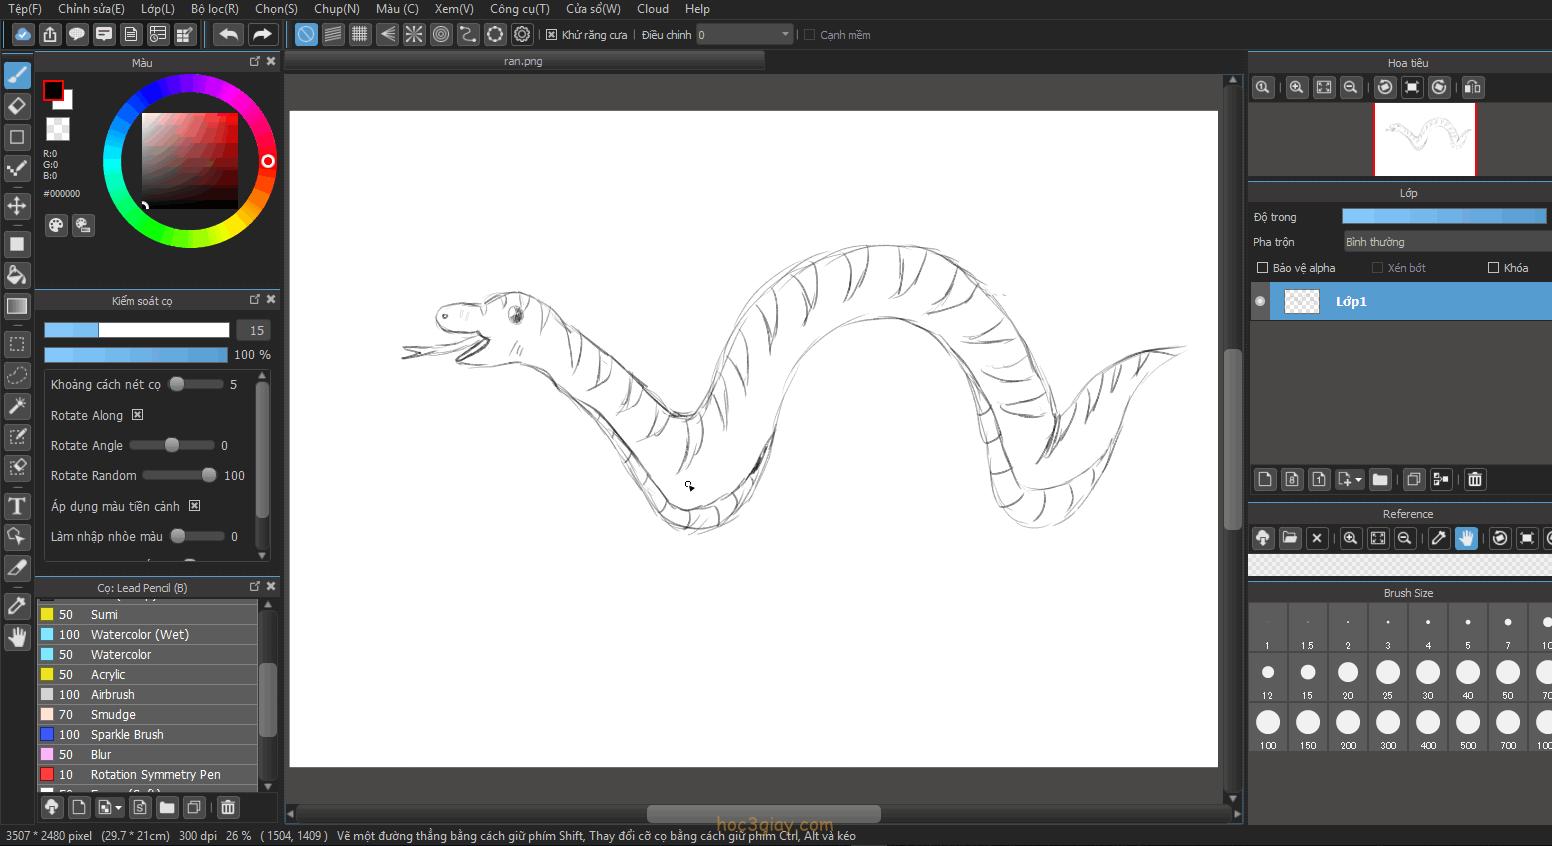 Hướng dẫn vẽ rắn đẹp dễ vẽ